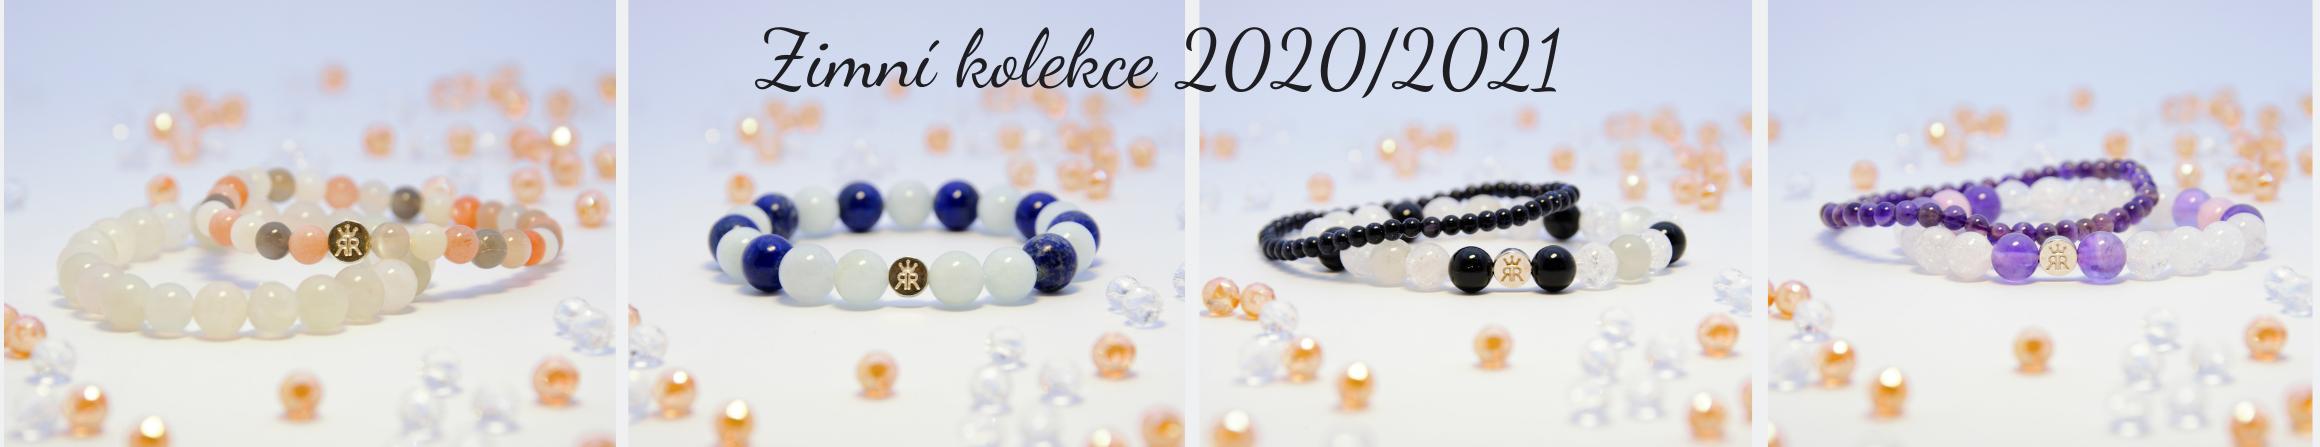 Zimní kolekce 2020